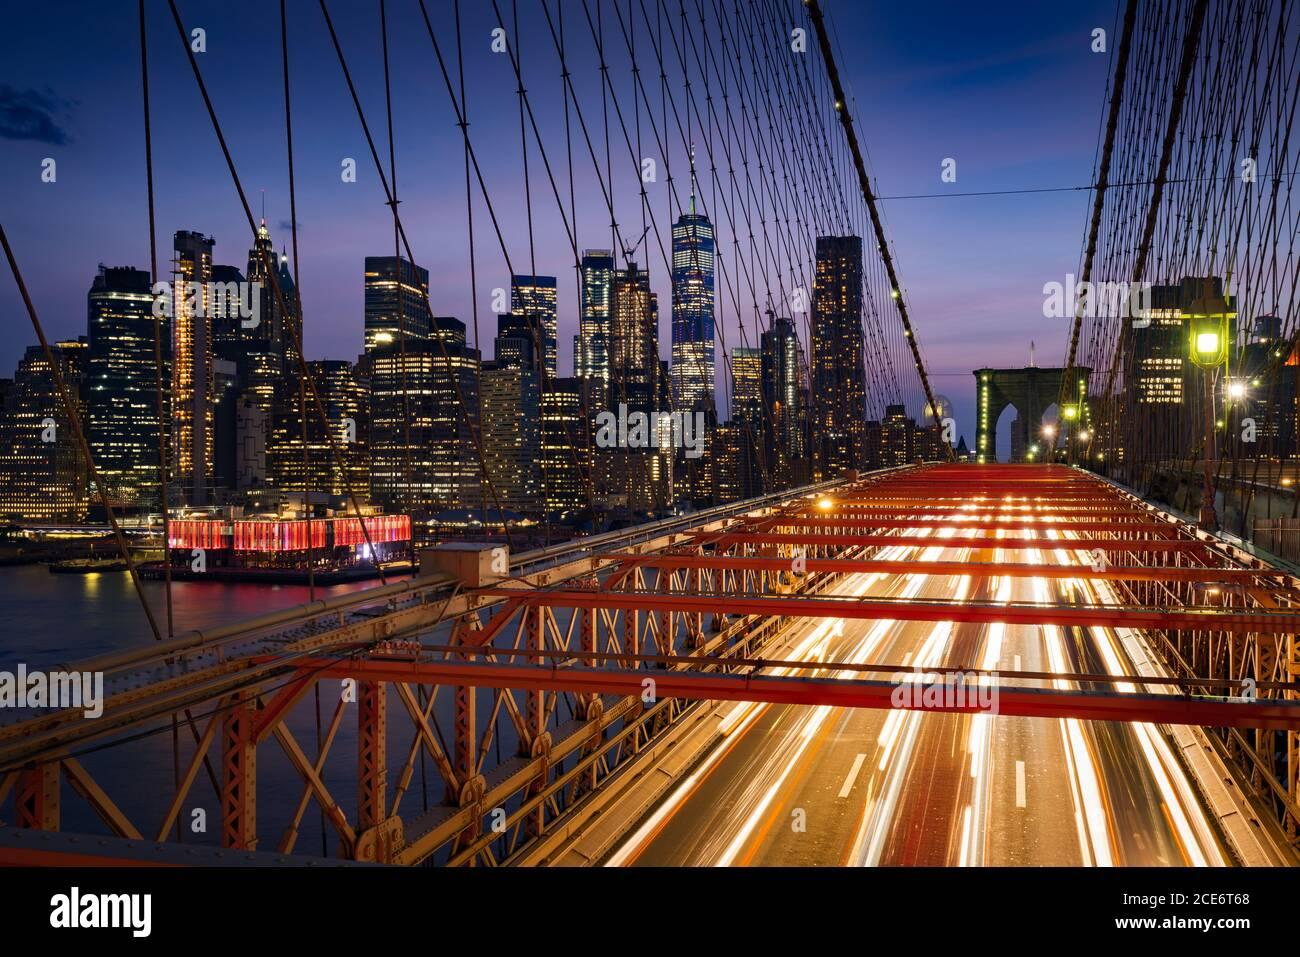 Rascacielos del bajo Manhattan en el puente de Dusk y Brooklyn con senderos ligeros. Noche en Nueva York, NY, EE.UU Foto de stock